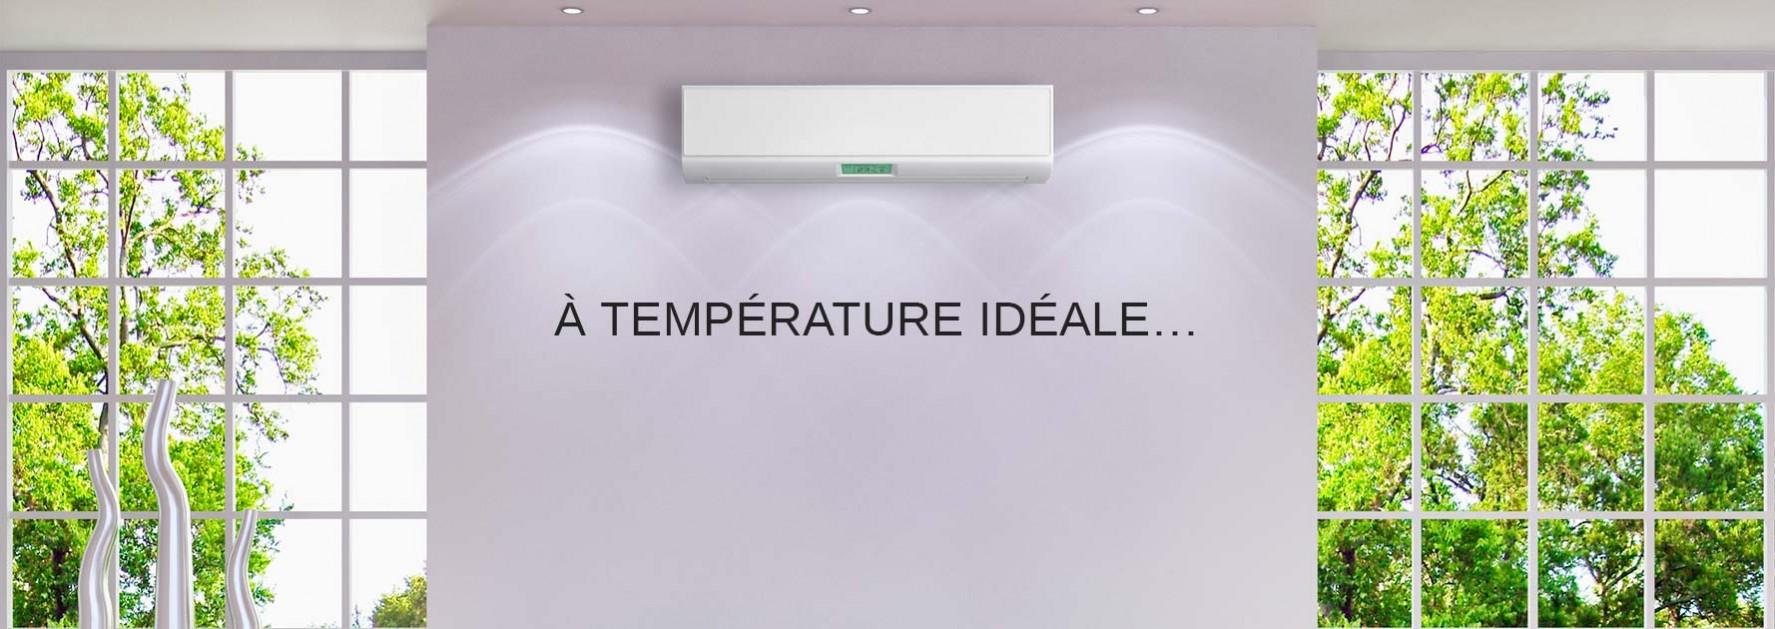 pose climatisation, chauffage et pompe à chaleur Grenoble